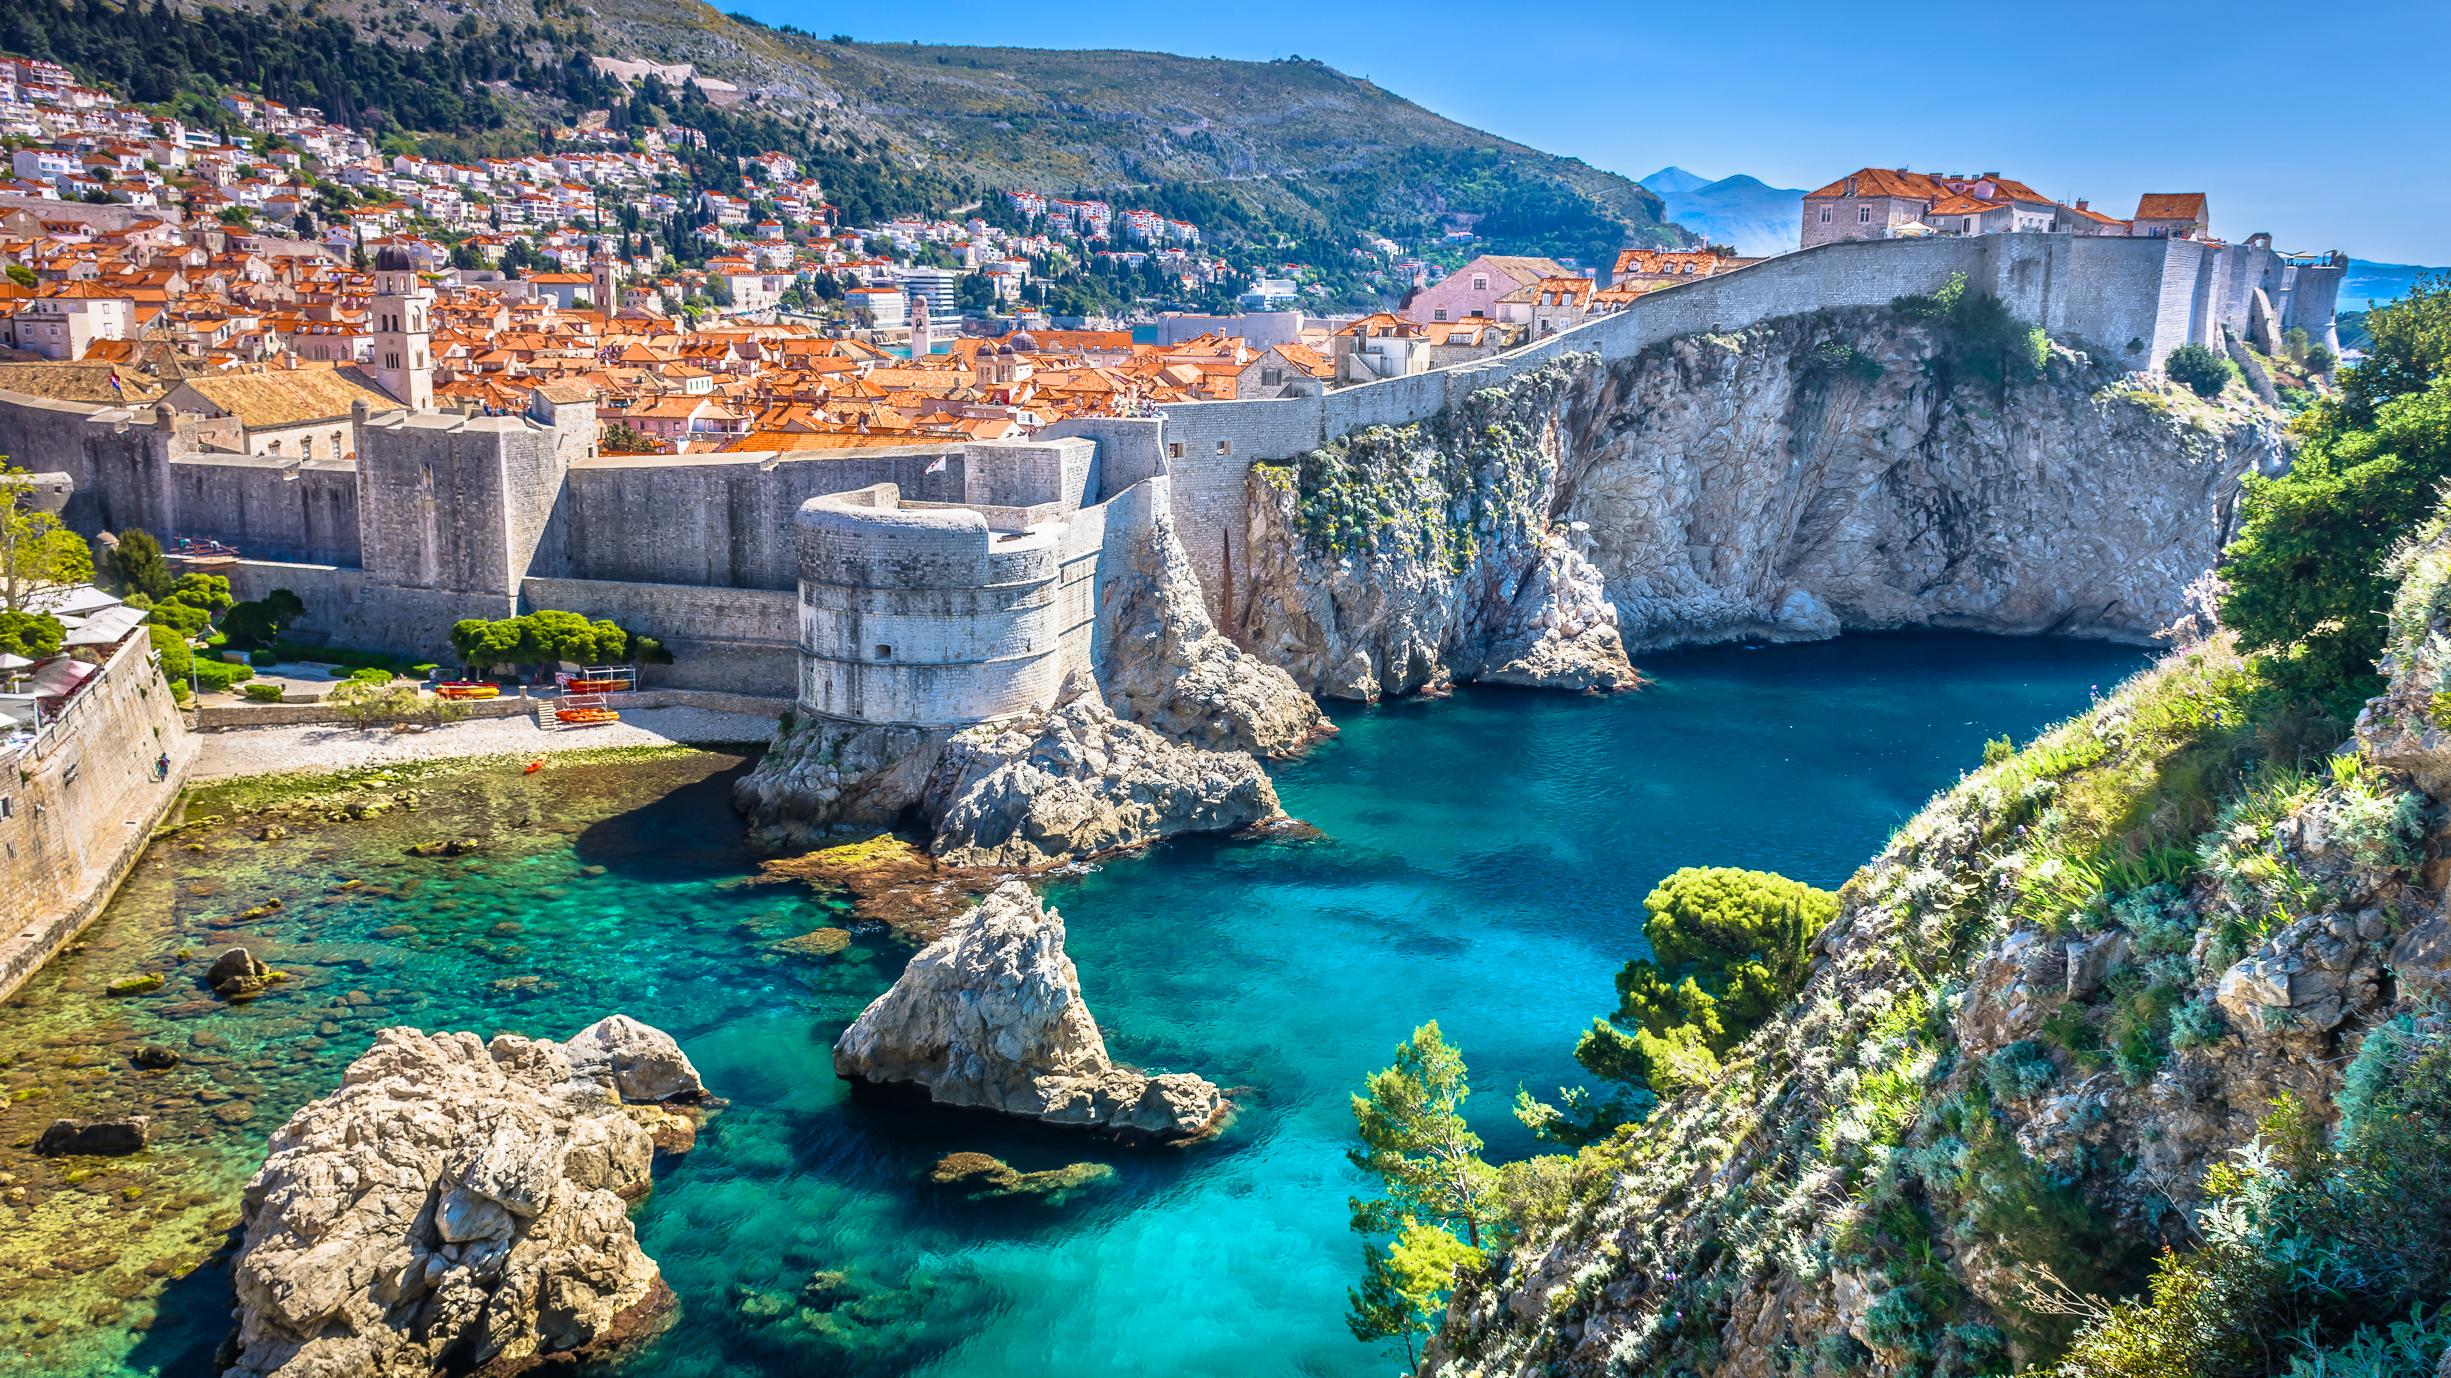 Вид на город Дубровник в Хорватии, получить ВНЖ которой могут россияне, украинцы и белорусы